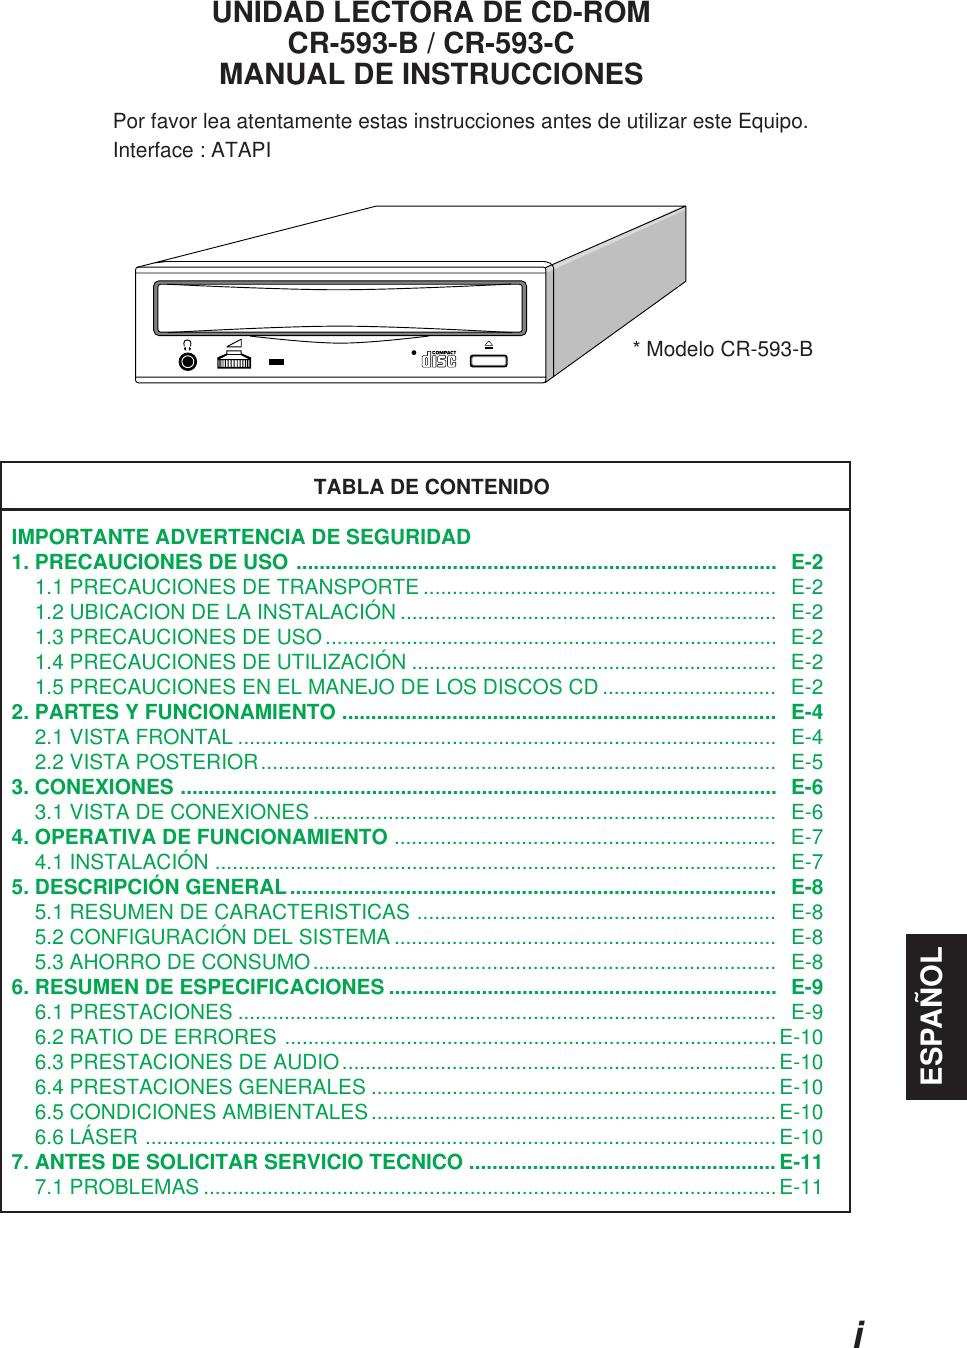 iESPAÑOLUNIDAD LECTORA DE CD-ROMCR-593-B / CR-593-CMANUAL DE INSTRUCCIONESPor favor lea atentamente estas instrucciones antes de utilizar este Equipo.Interface : ATAPITABLA DE CONTENIDOIMPORTANTE ADVERTENCIA DE SEGURIDAD1. PRECAUCIONES DE USO ...................................................................................  E-2    1.1 PRECAUCIONES DE TRANSPORTE .............................................................  E-2    1.2 UBICACION DE LA INSTALACIÓN .................................................................  E-2    1.3 PRECAUCIONES DE USO ..............................................................................  E-2    1.4 PRECAUCIONES DE UTILIZACIÓN ...............................................................  E-2    1.5 PRECAUCIONES EN EL MANEJO DE LOS DISCOS CD ..............................   E-22. PARTES Y FUNCIONAMIENTO ...........................................................................   E-4    2.1 VISTA FRONTAL .............................................................................................  E-4    2.2 VISTA POSTERIOR.........................................................................................  E-53. CONEXIONES .......................................................................................................  E-6    3.1 VISTA DE CONEXIONES ................................................................................   E-64. OPERATIVA DE FUNCIONAMIENTO ..................................................................   E-7    4.1 INSTALACIÓN .................................................................................................  E-75. DESCRIPCIÓN GENERAL....................................................................................  E-8    5.1 RESUMEN DE CARACTERISTICAS ..............................................................   E-8    5.2 CONFIGURACIÓN DEL SISTEMA ..................................................................   E-8    5.3 AHORRO DE CONSUMO.........